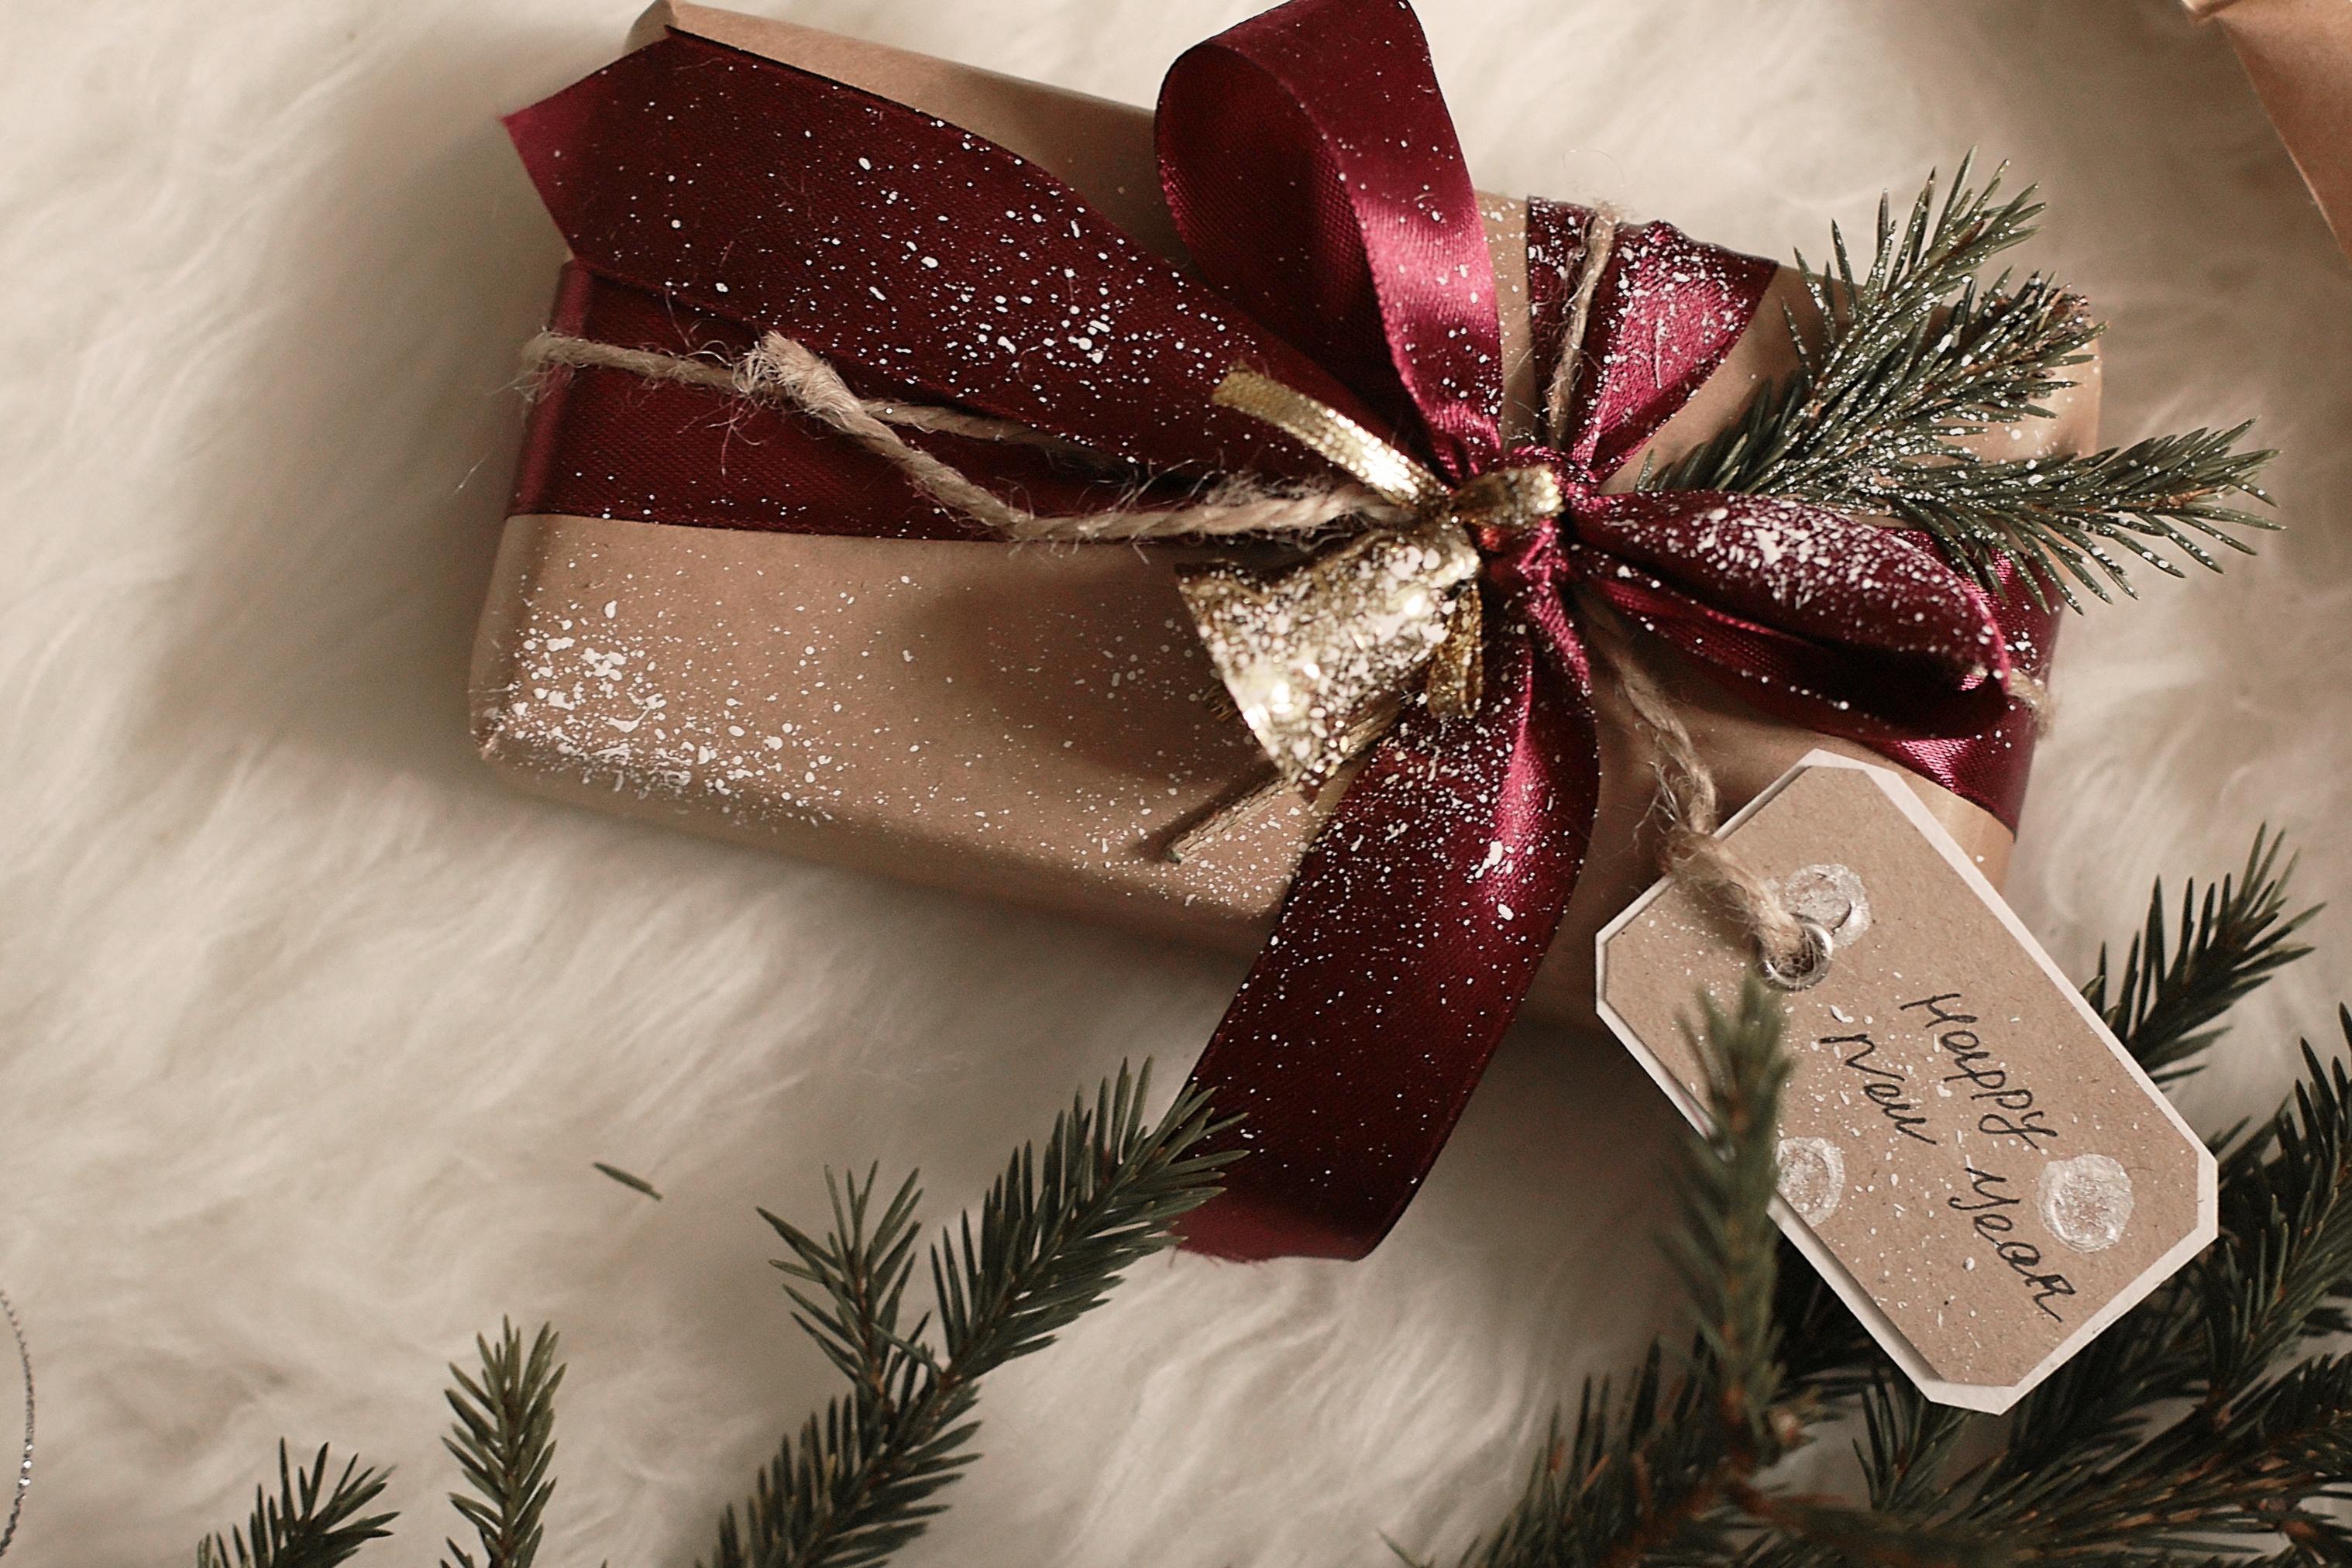 фото с новогодними подарками под елкой менее, базалиома